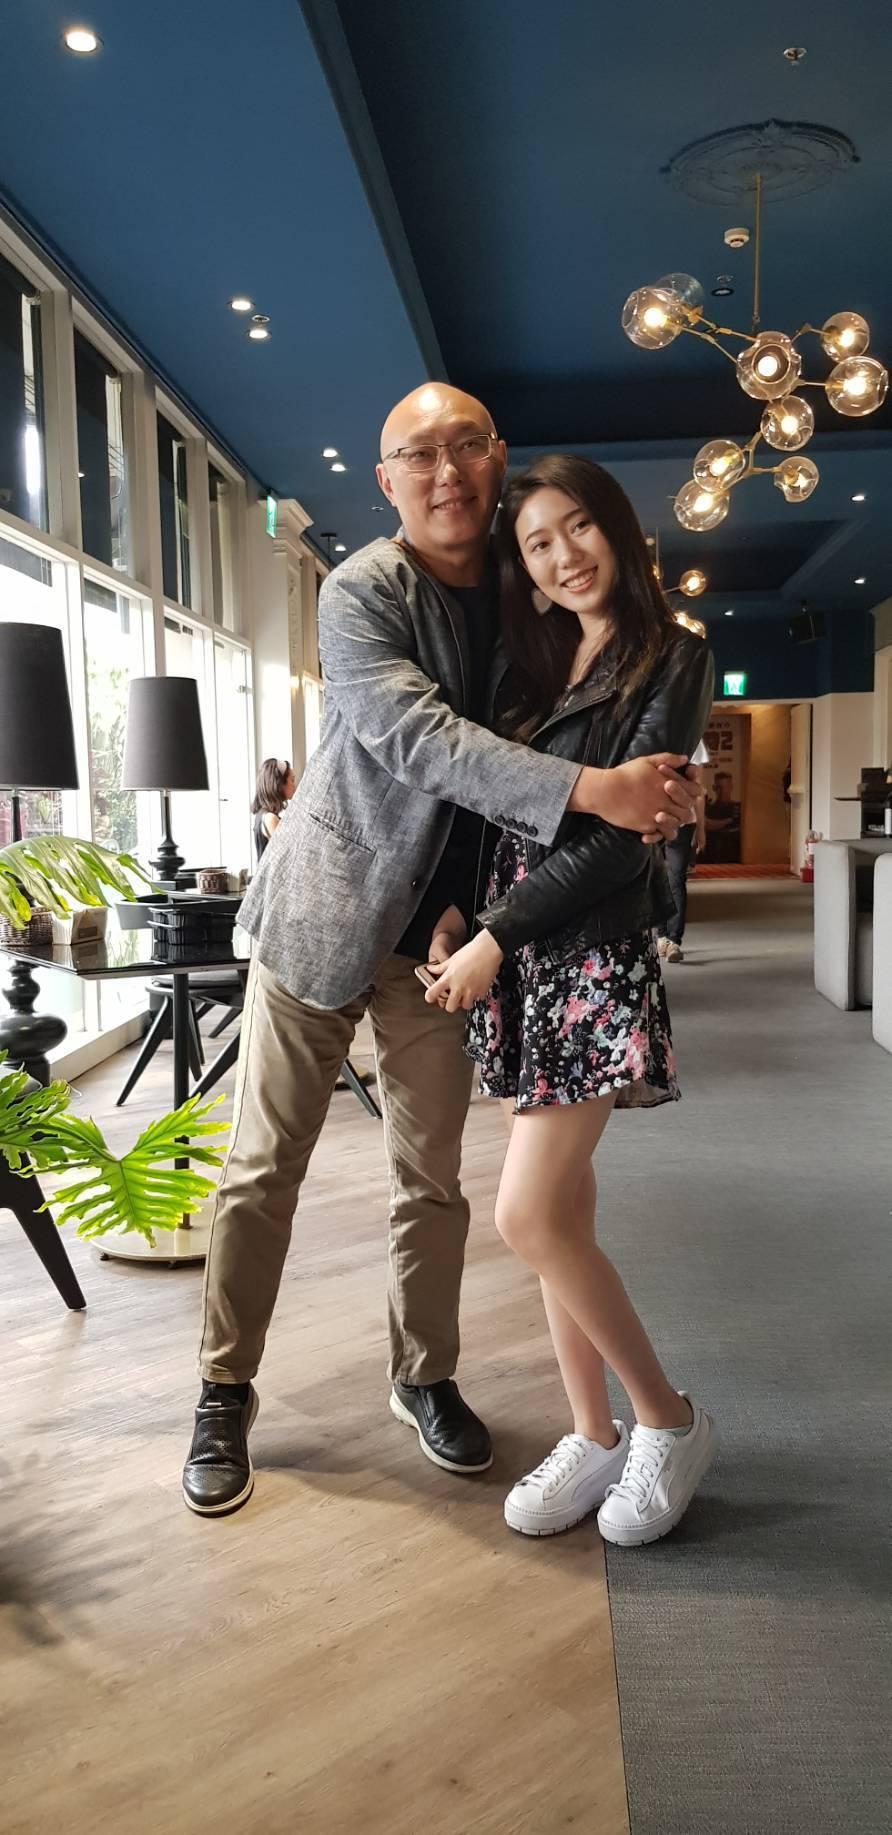 鄧安寧(左)對女兒雨晨的演藝才華很是驕傲。記者杜沛學/攝影